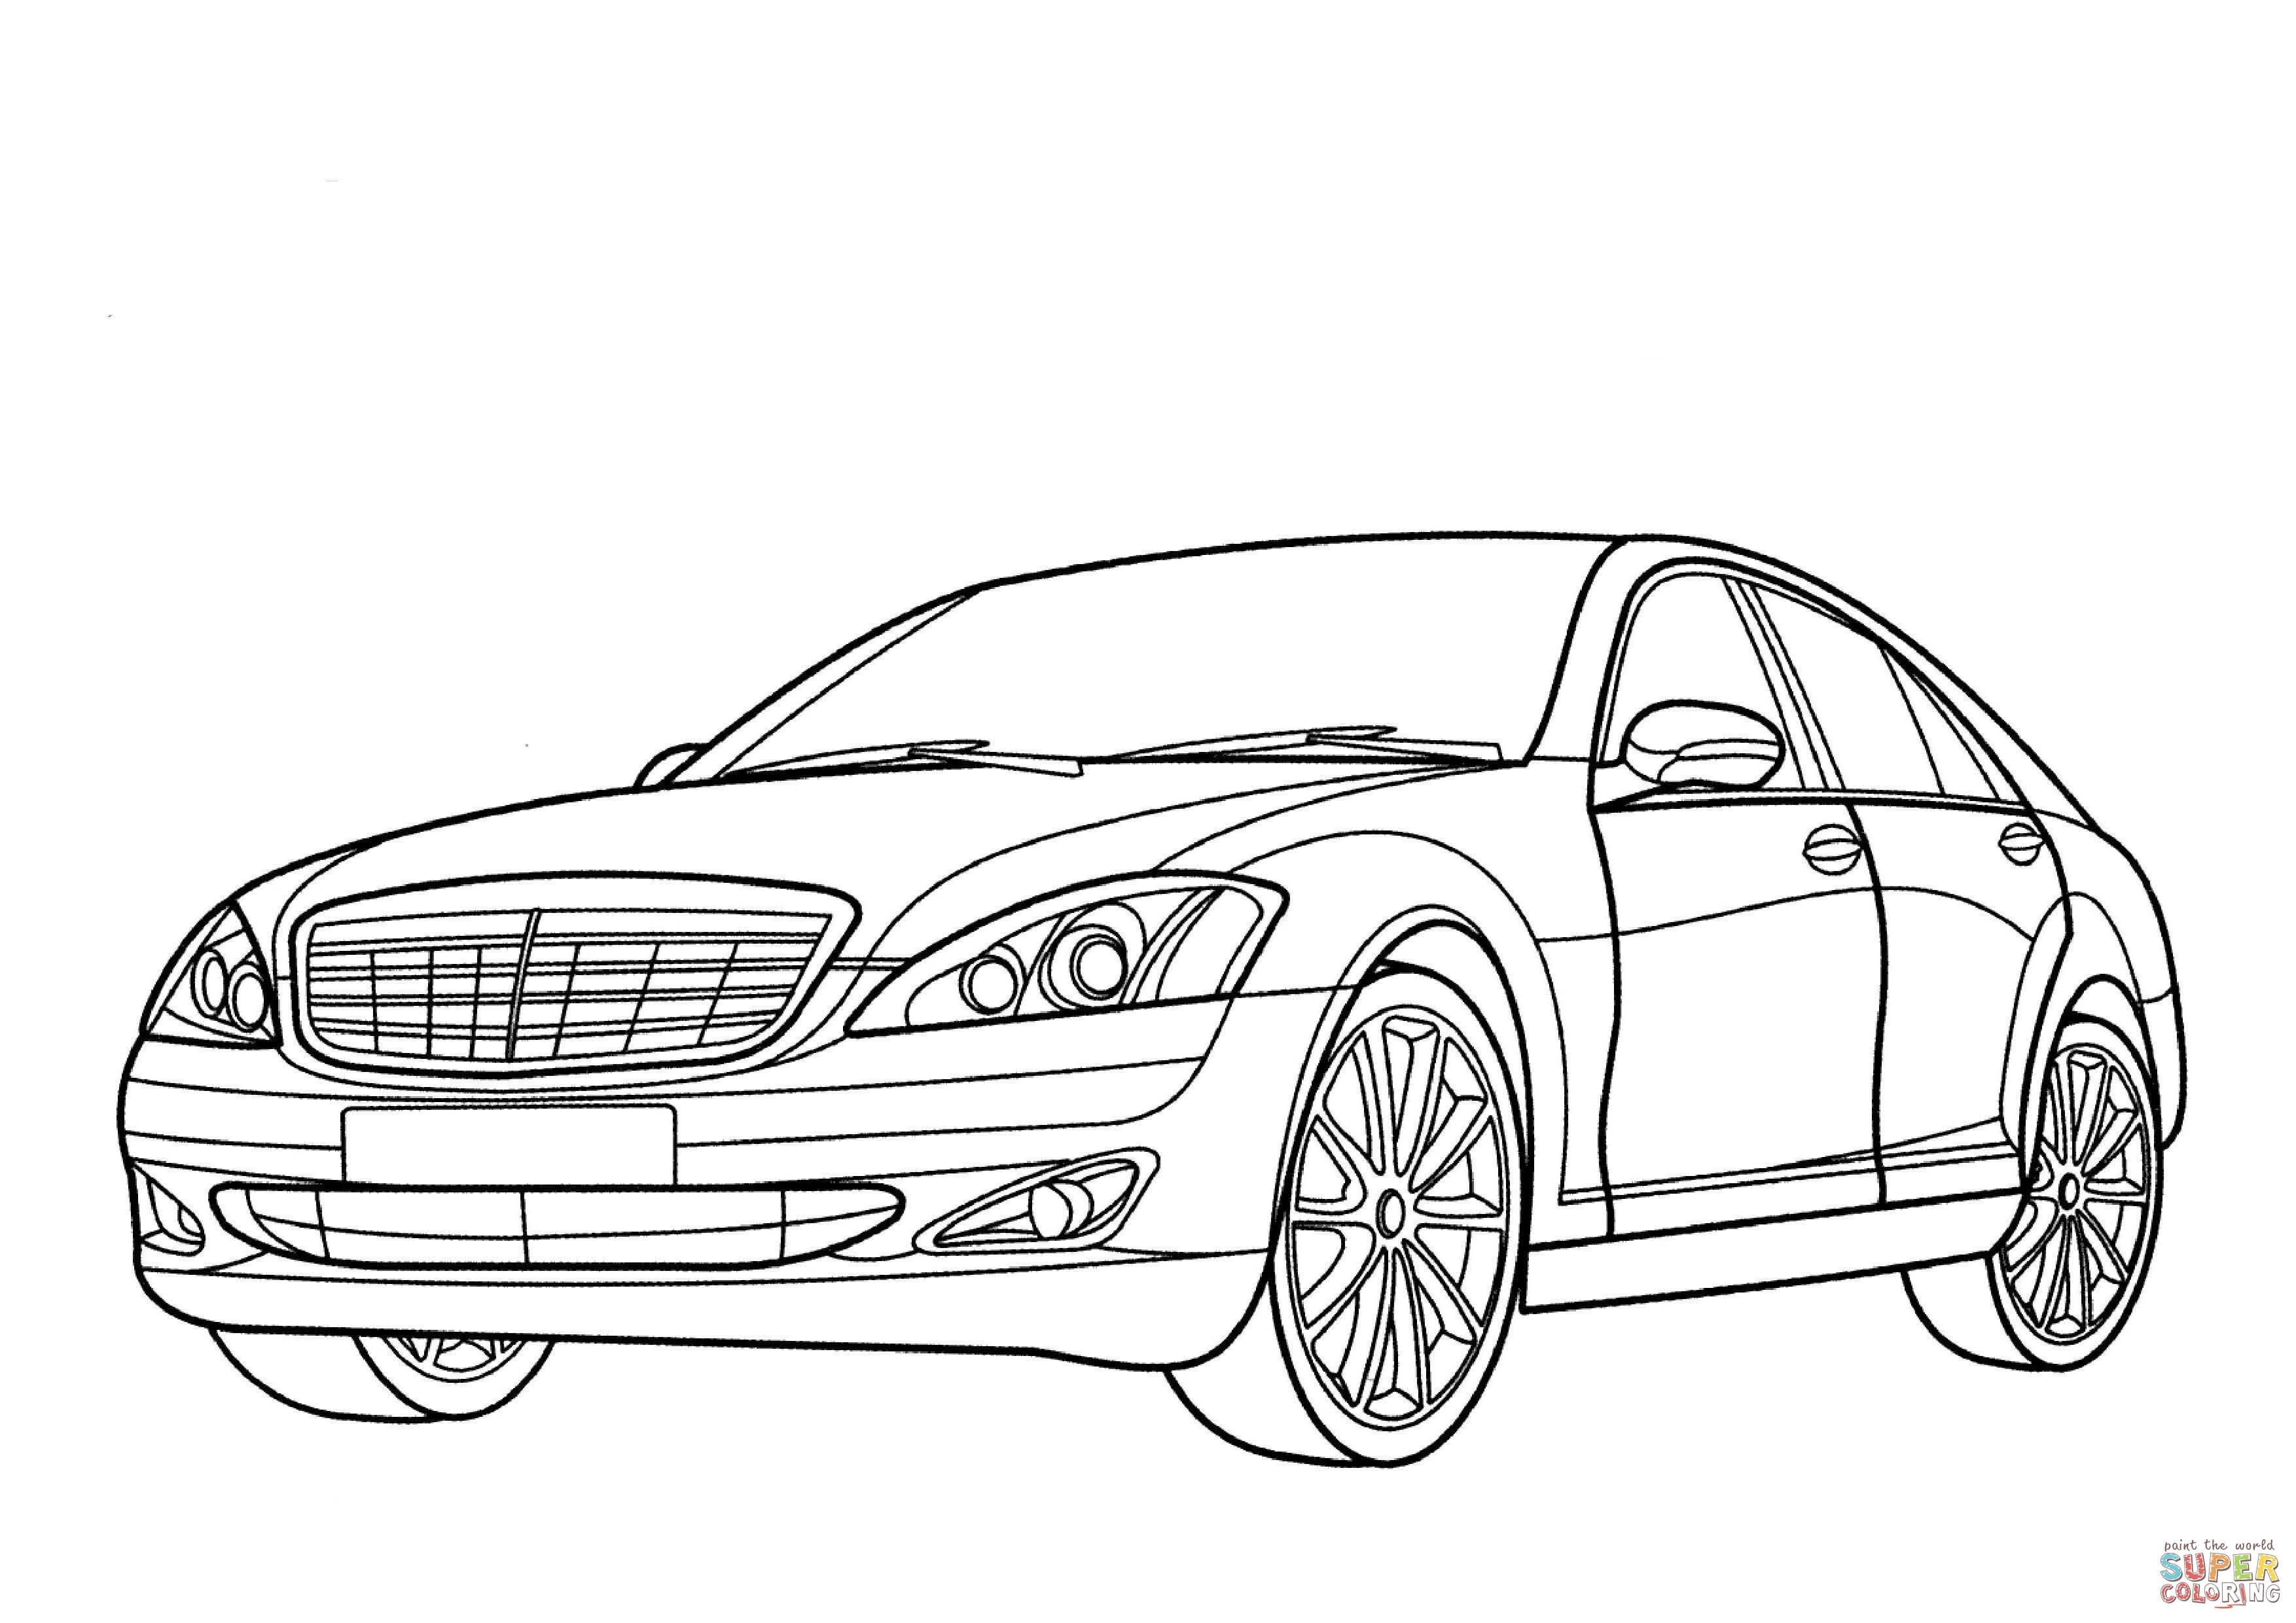 Kleurplaten Auto Mercedes.Luxe Kleurplaten Auto Mercedes Krijg Duizenden Kleurenfoto S Van